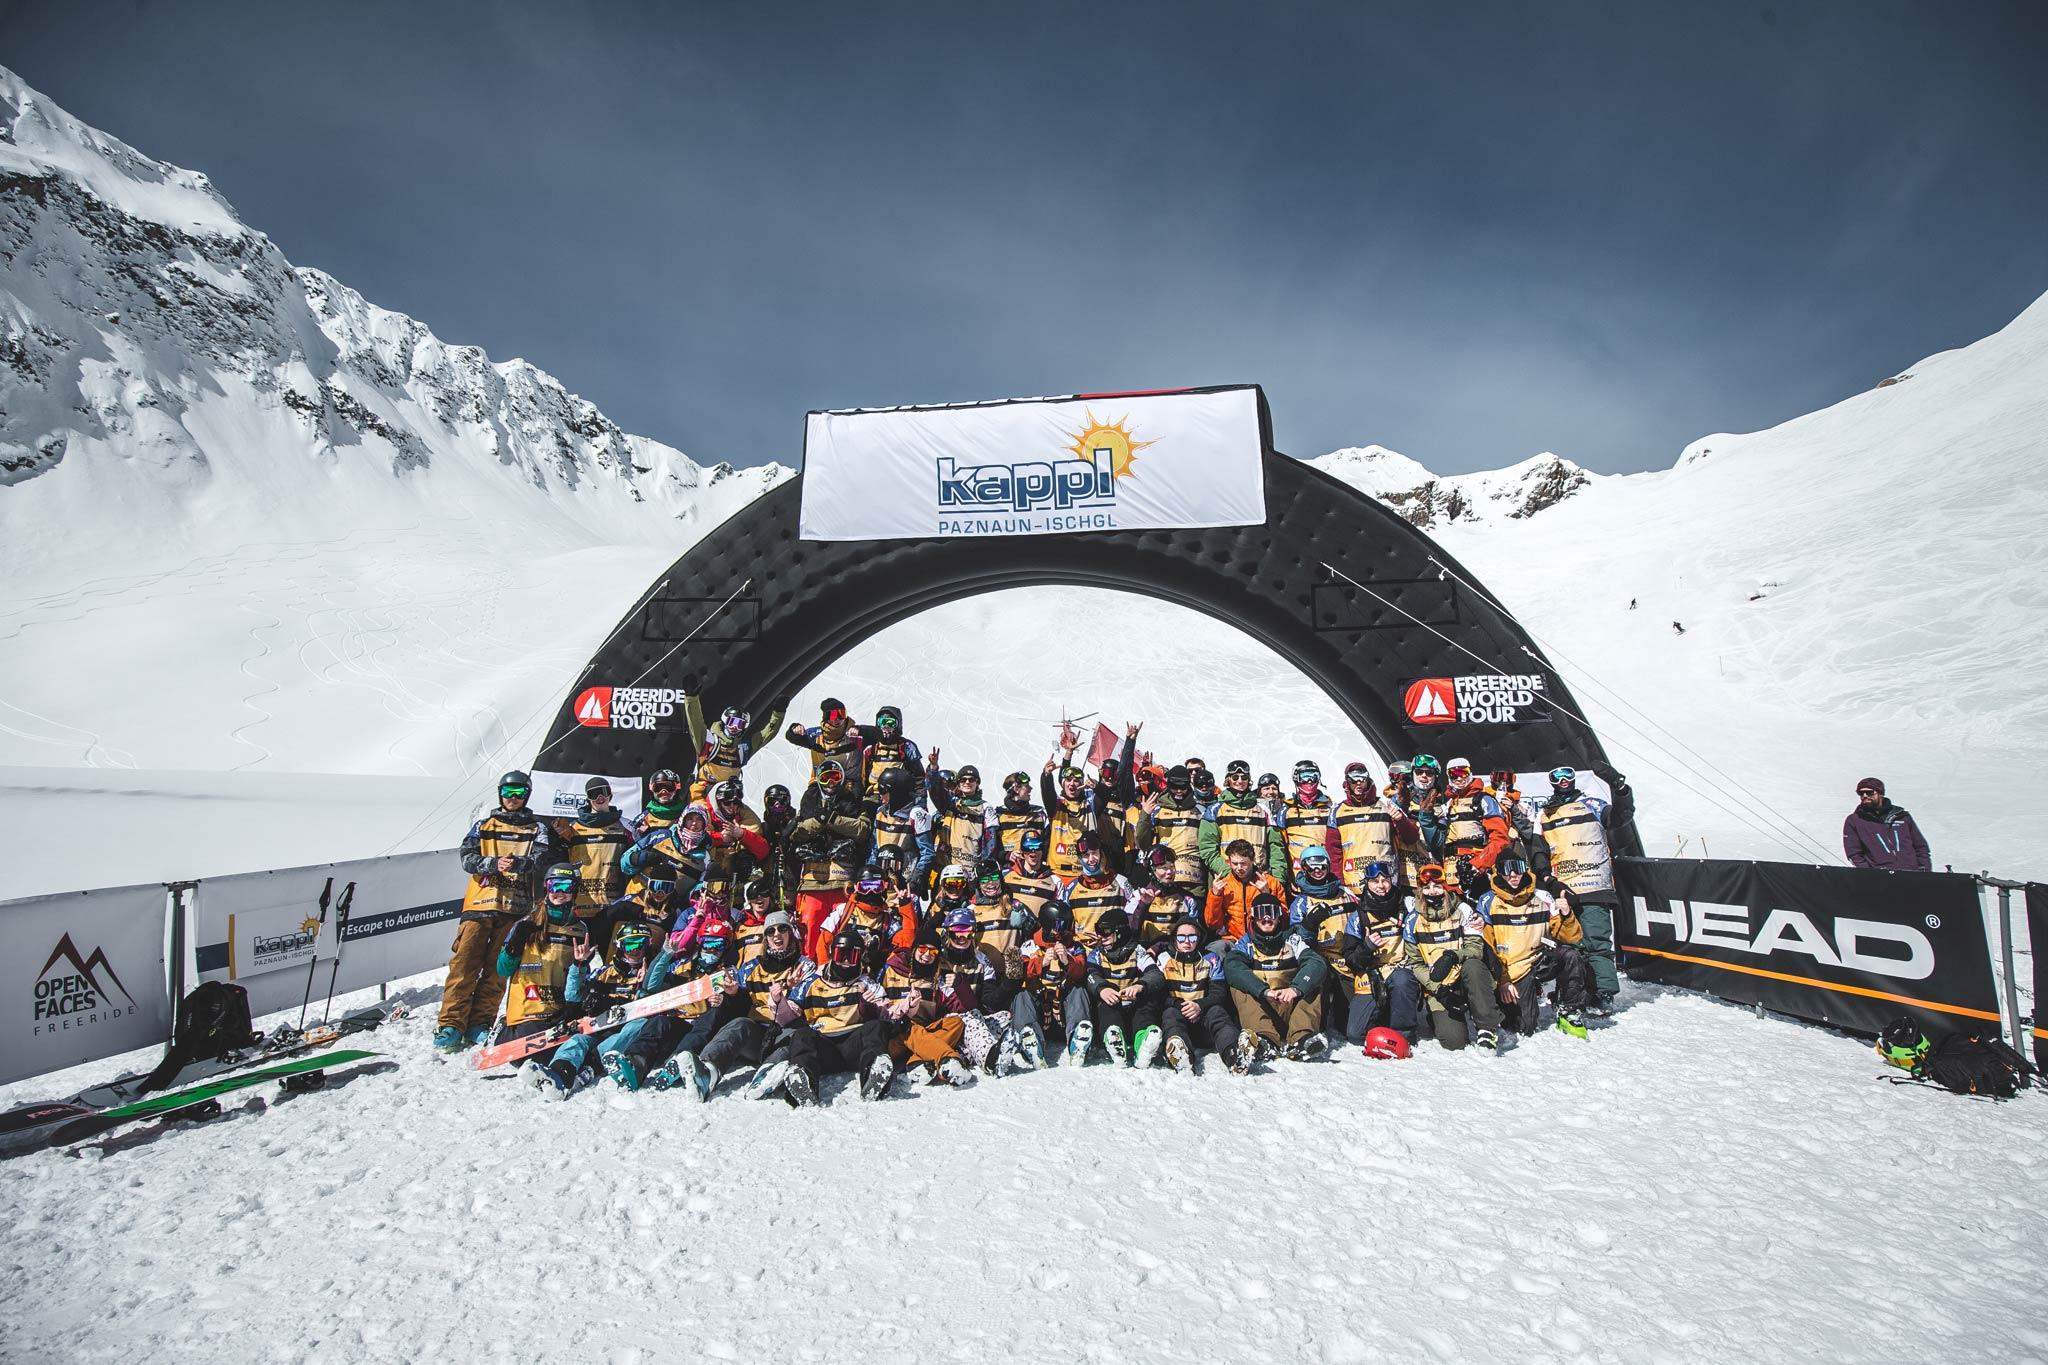 Insgesamt 60 Rider wurden zu den Freeride Junior World Championship 2019 in Kappl eingeladen - Foto: Mia Knoll